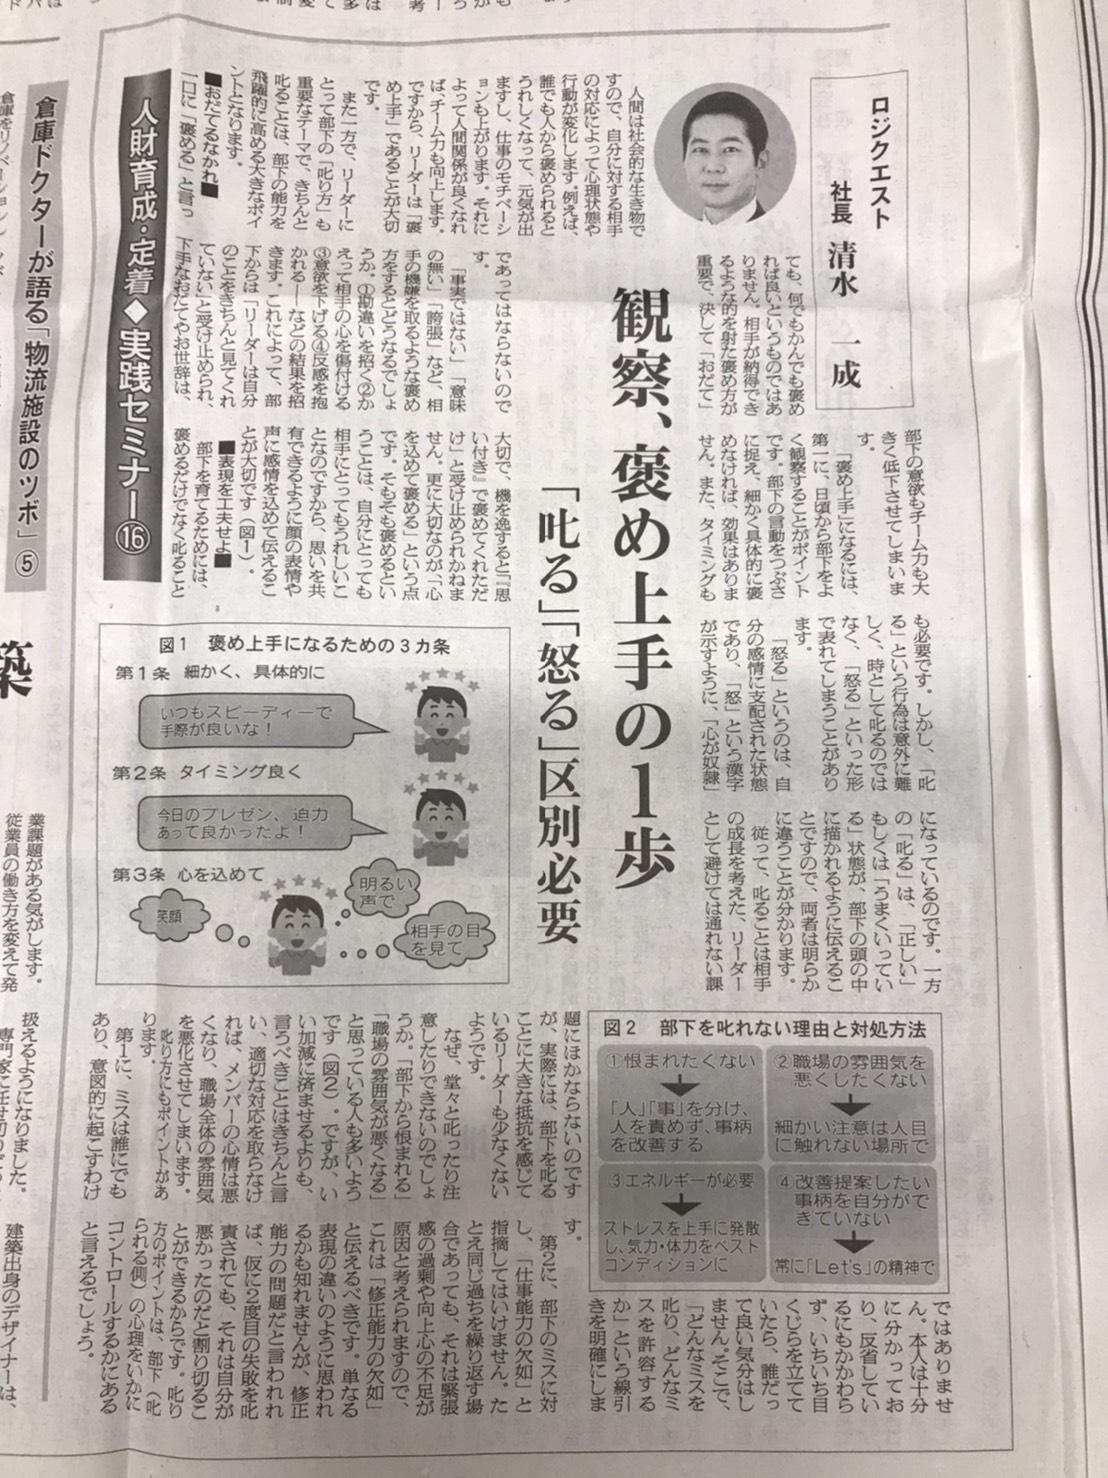 物流ニッポン 連載記事「人財育成・定着◆実践セミナー⑯ コーチング 観察、褒め上手の1歩」